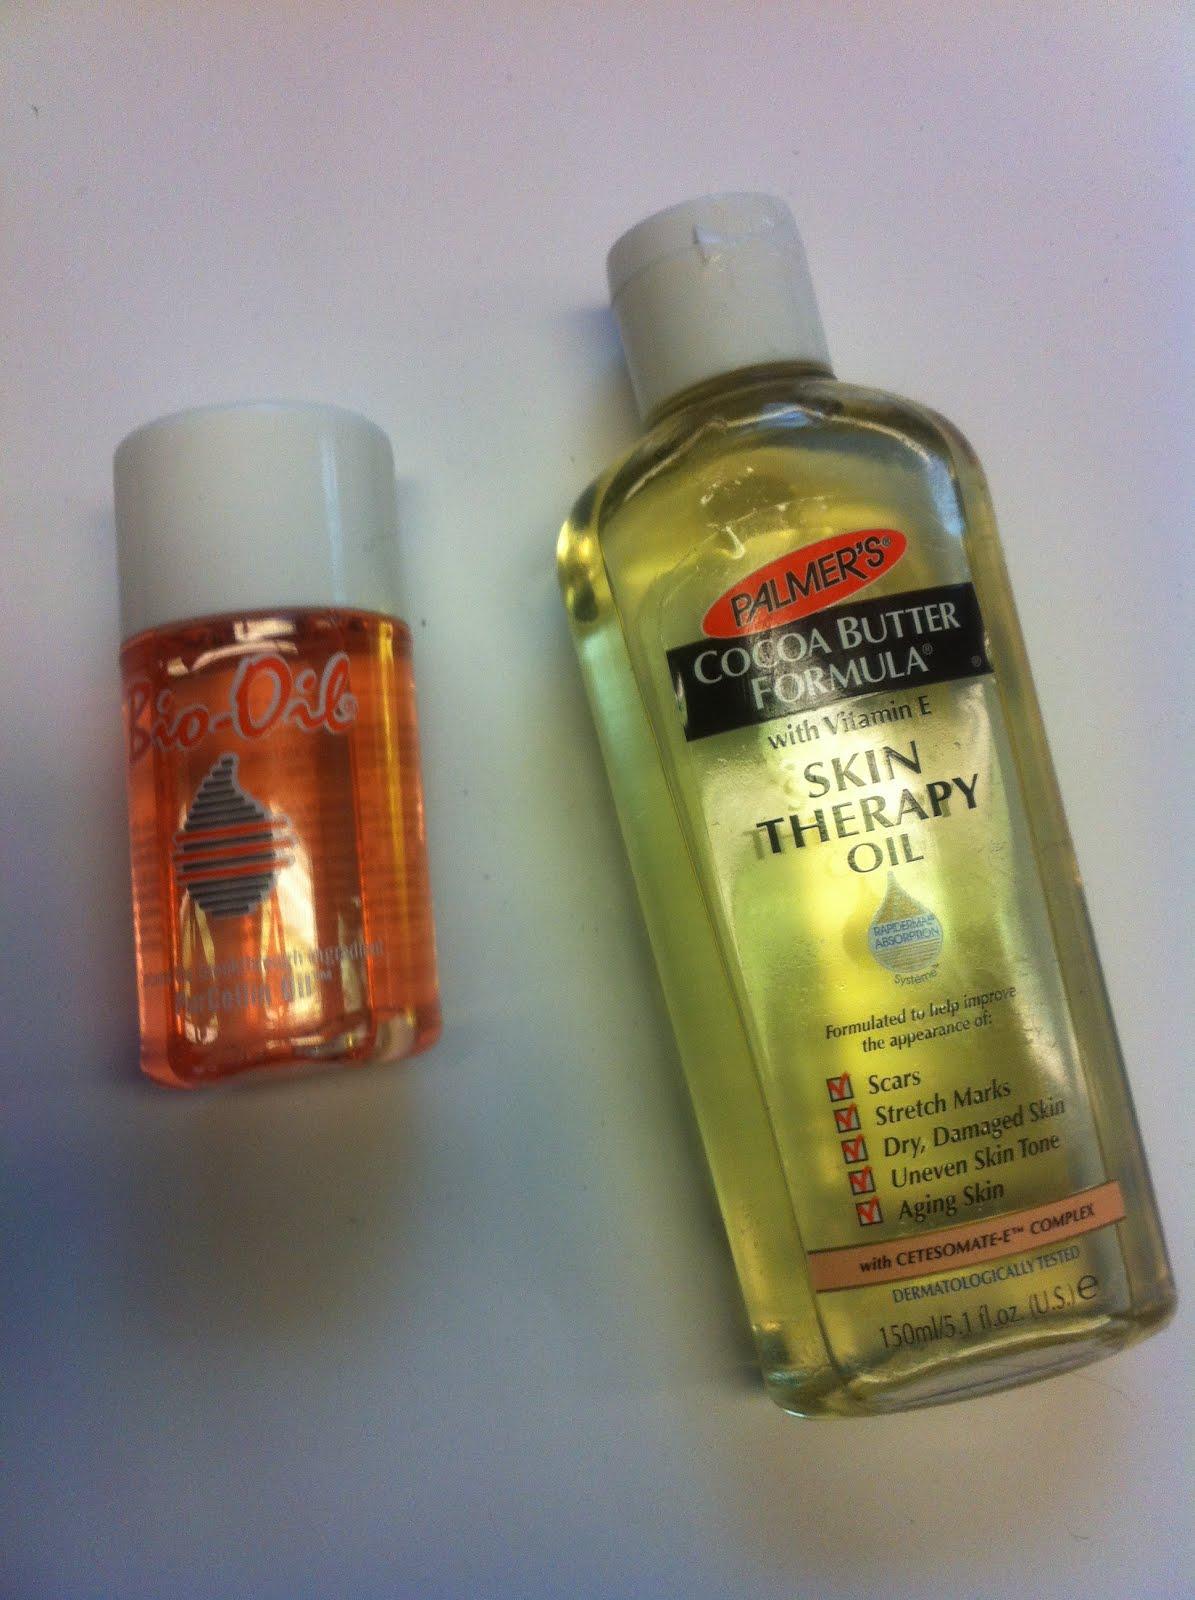 Comparative Review Palmer S Cocoa Butter Skin Therapy Oil Vs Bio